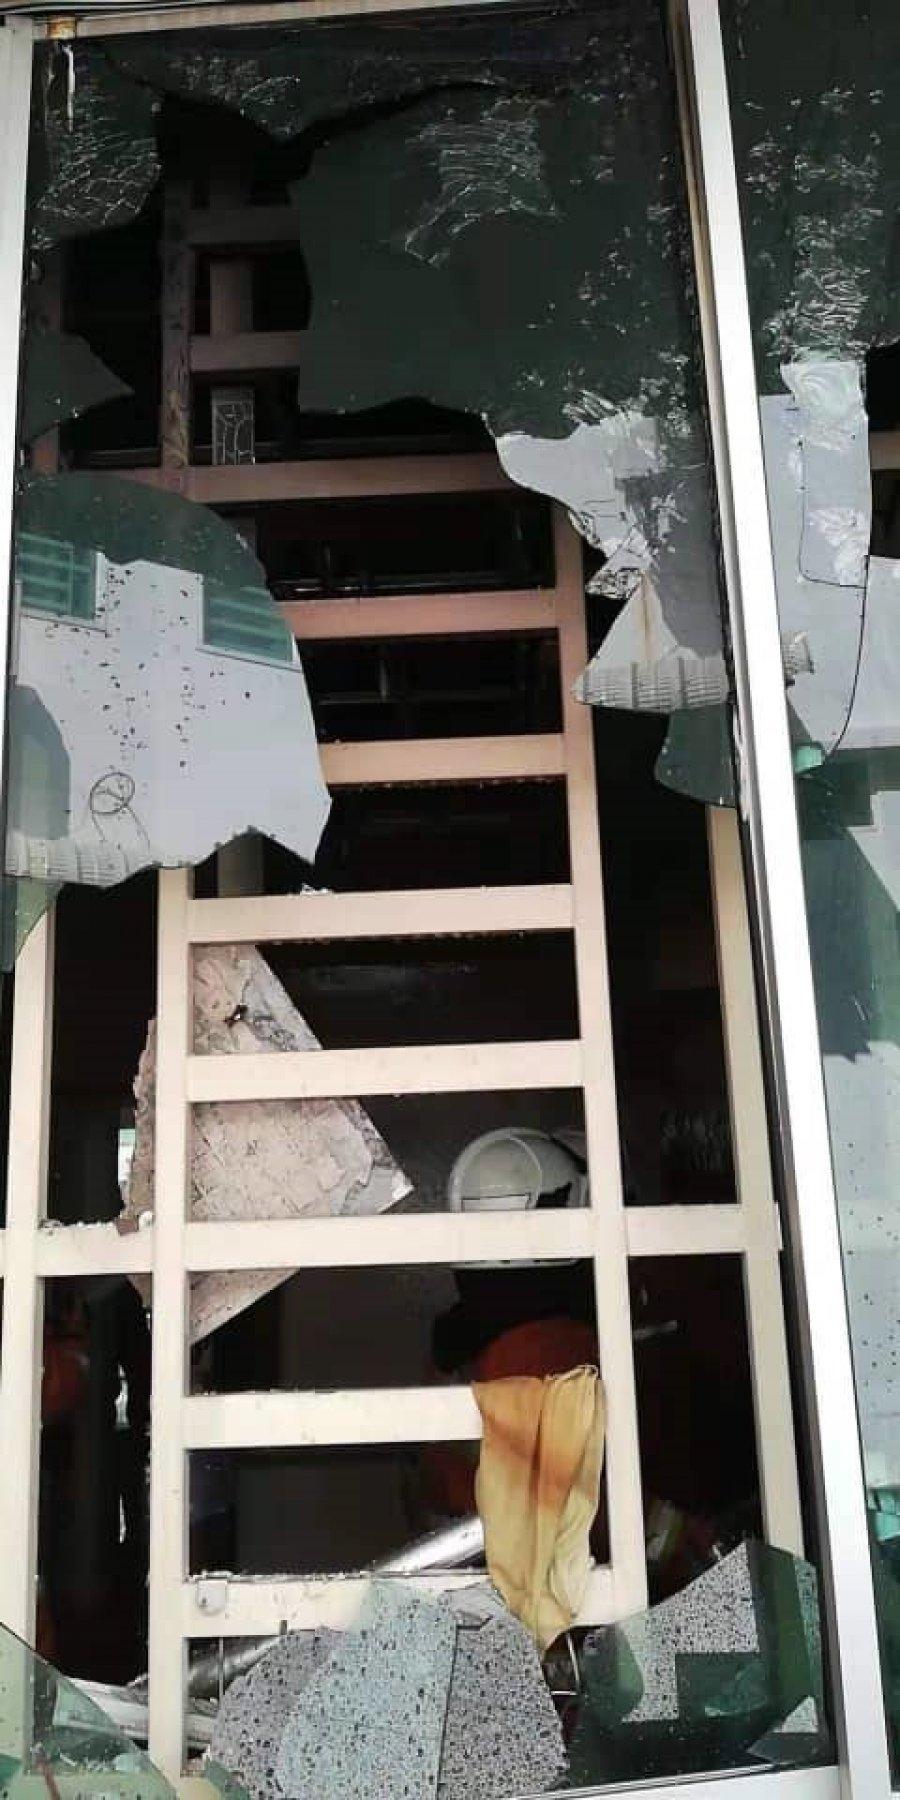 疑煤气桶通气孔泄漏 民宅厨房爆炸冒火